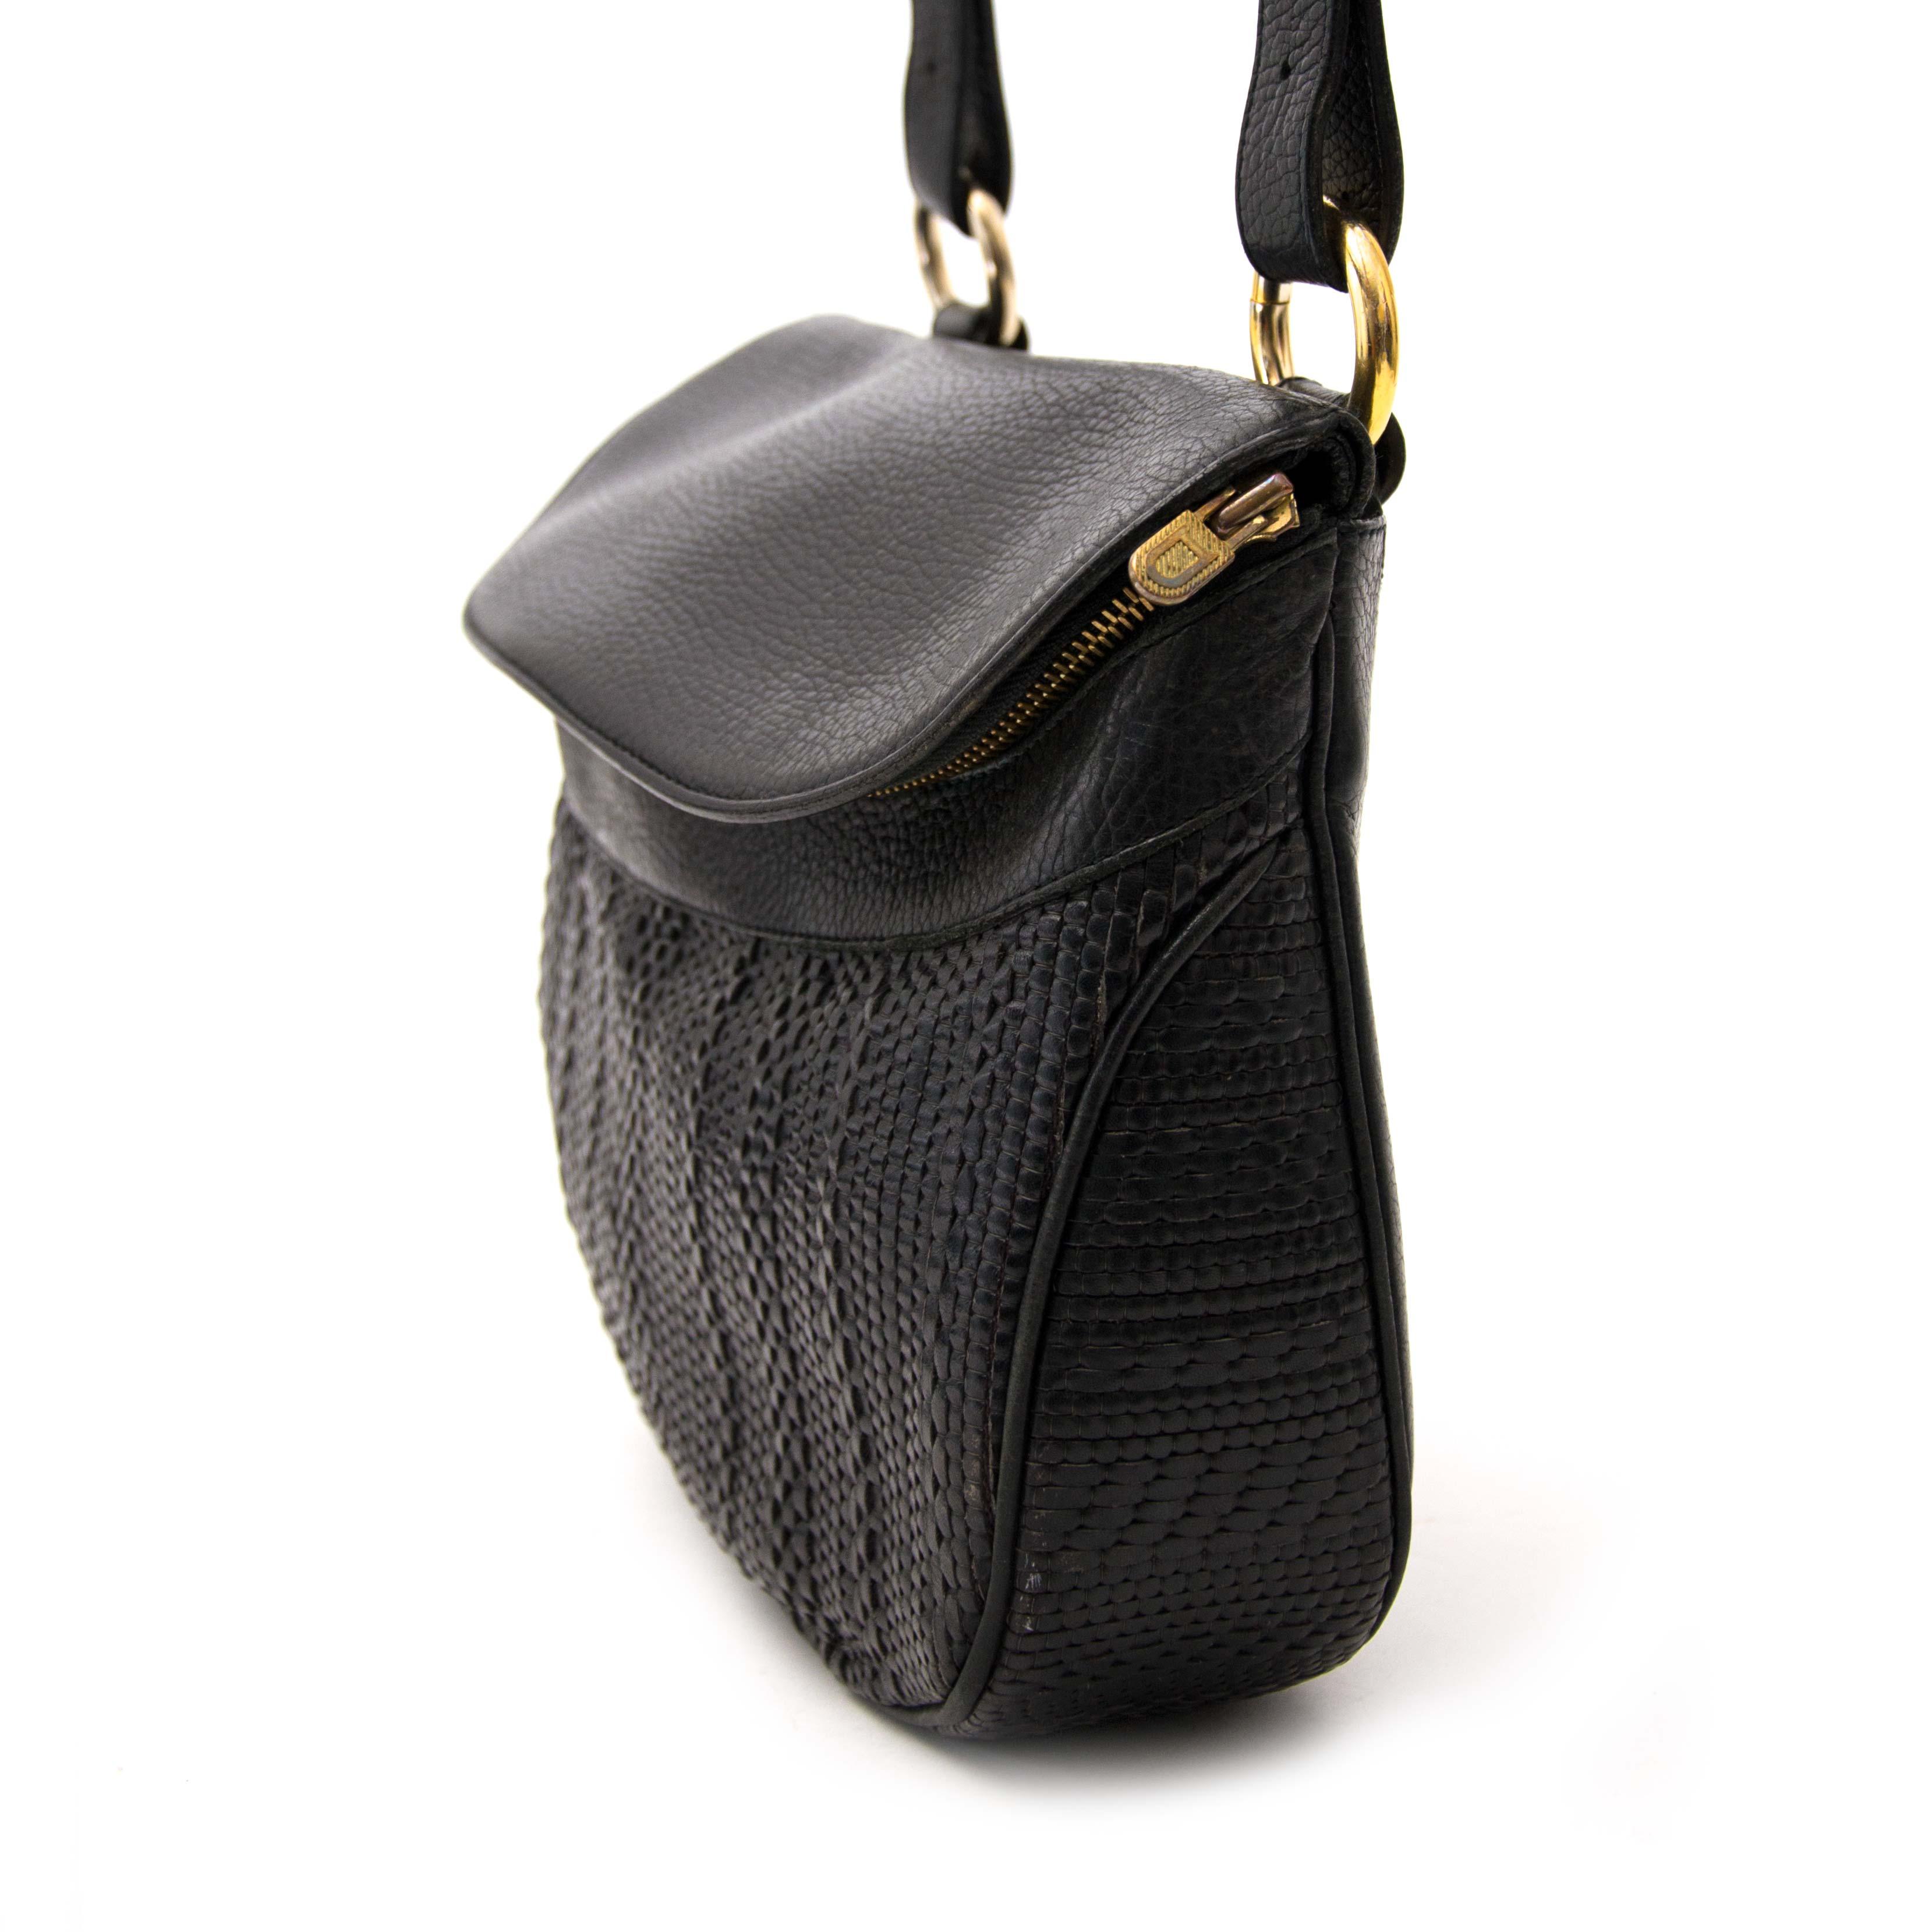 acheter en ligne chez labellov.com pour le meilleur prix delvaux toile de cuir black shoulder bag